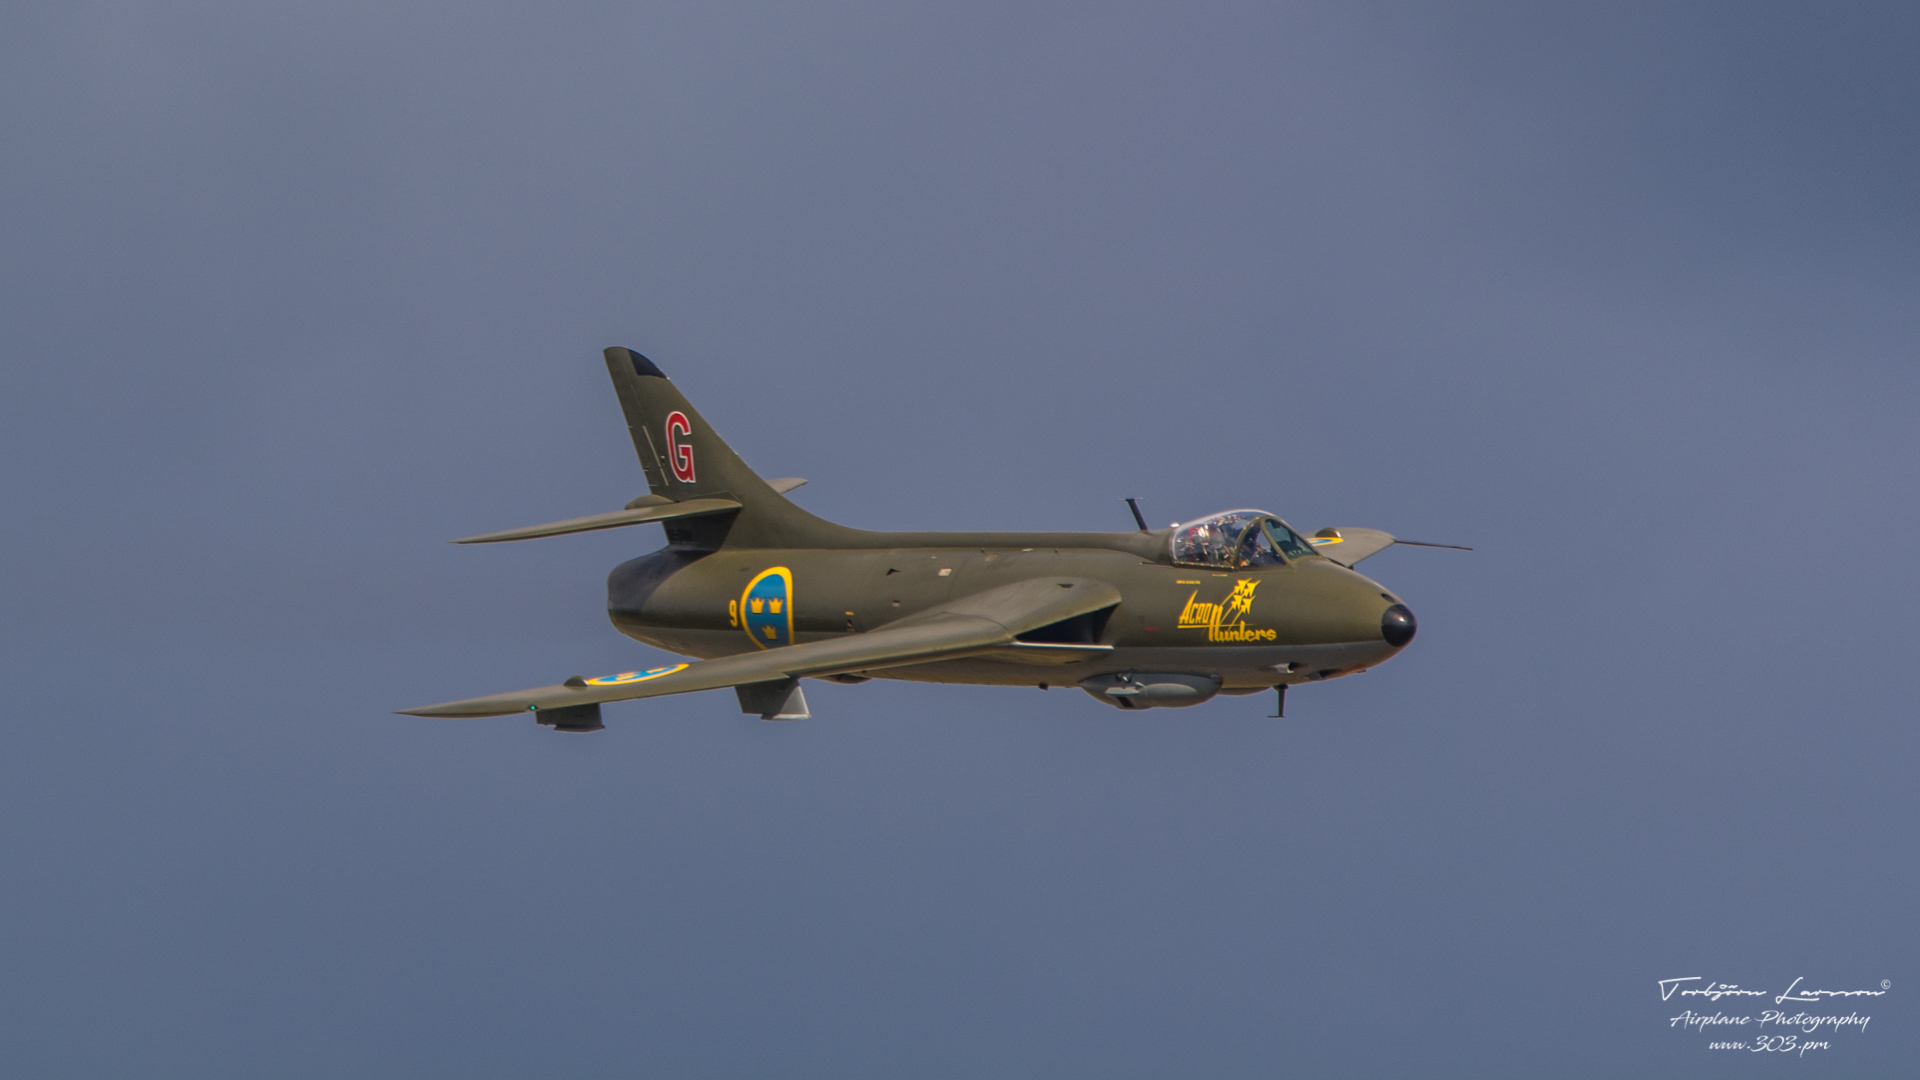 TBE_1672-J-34 Hawker Hunter